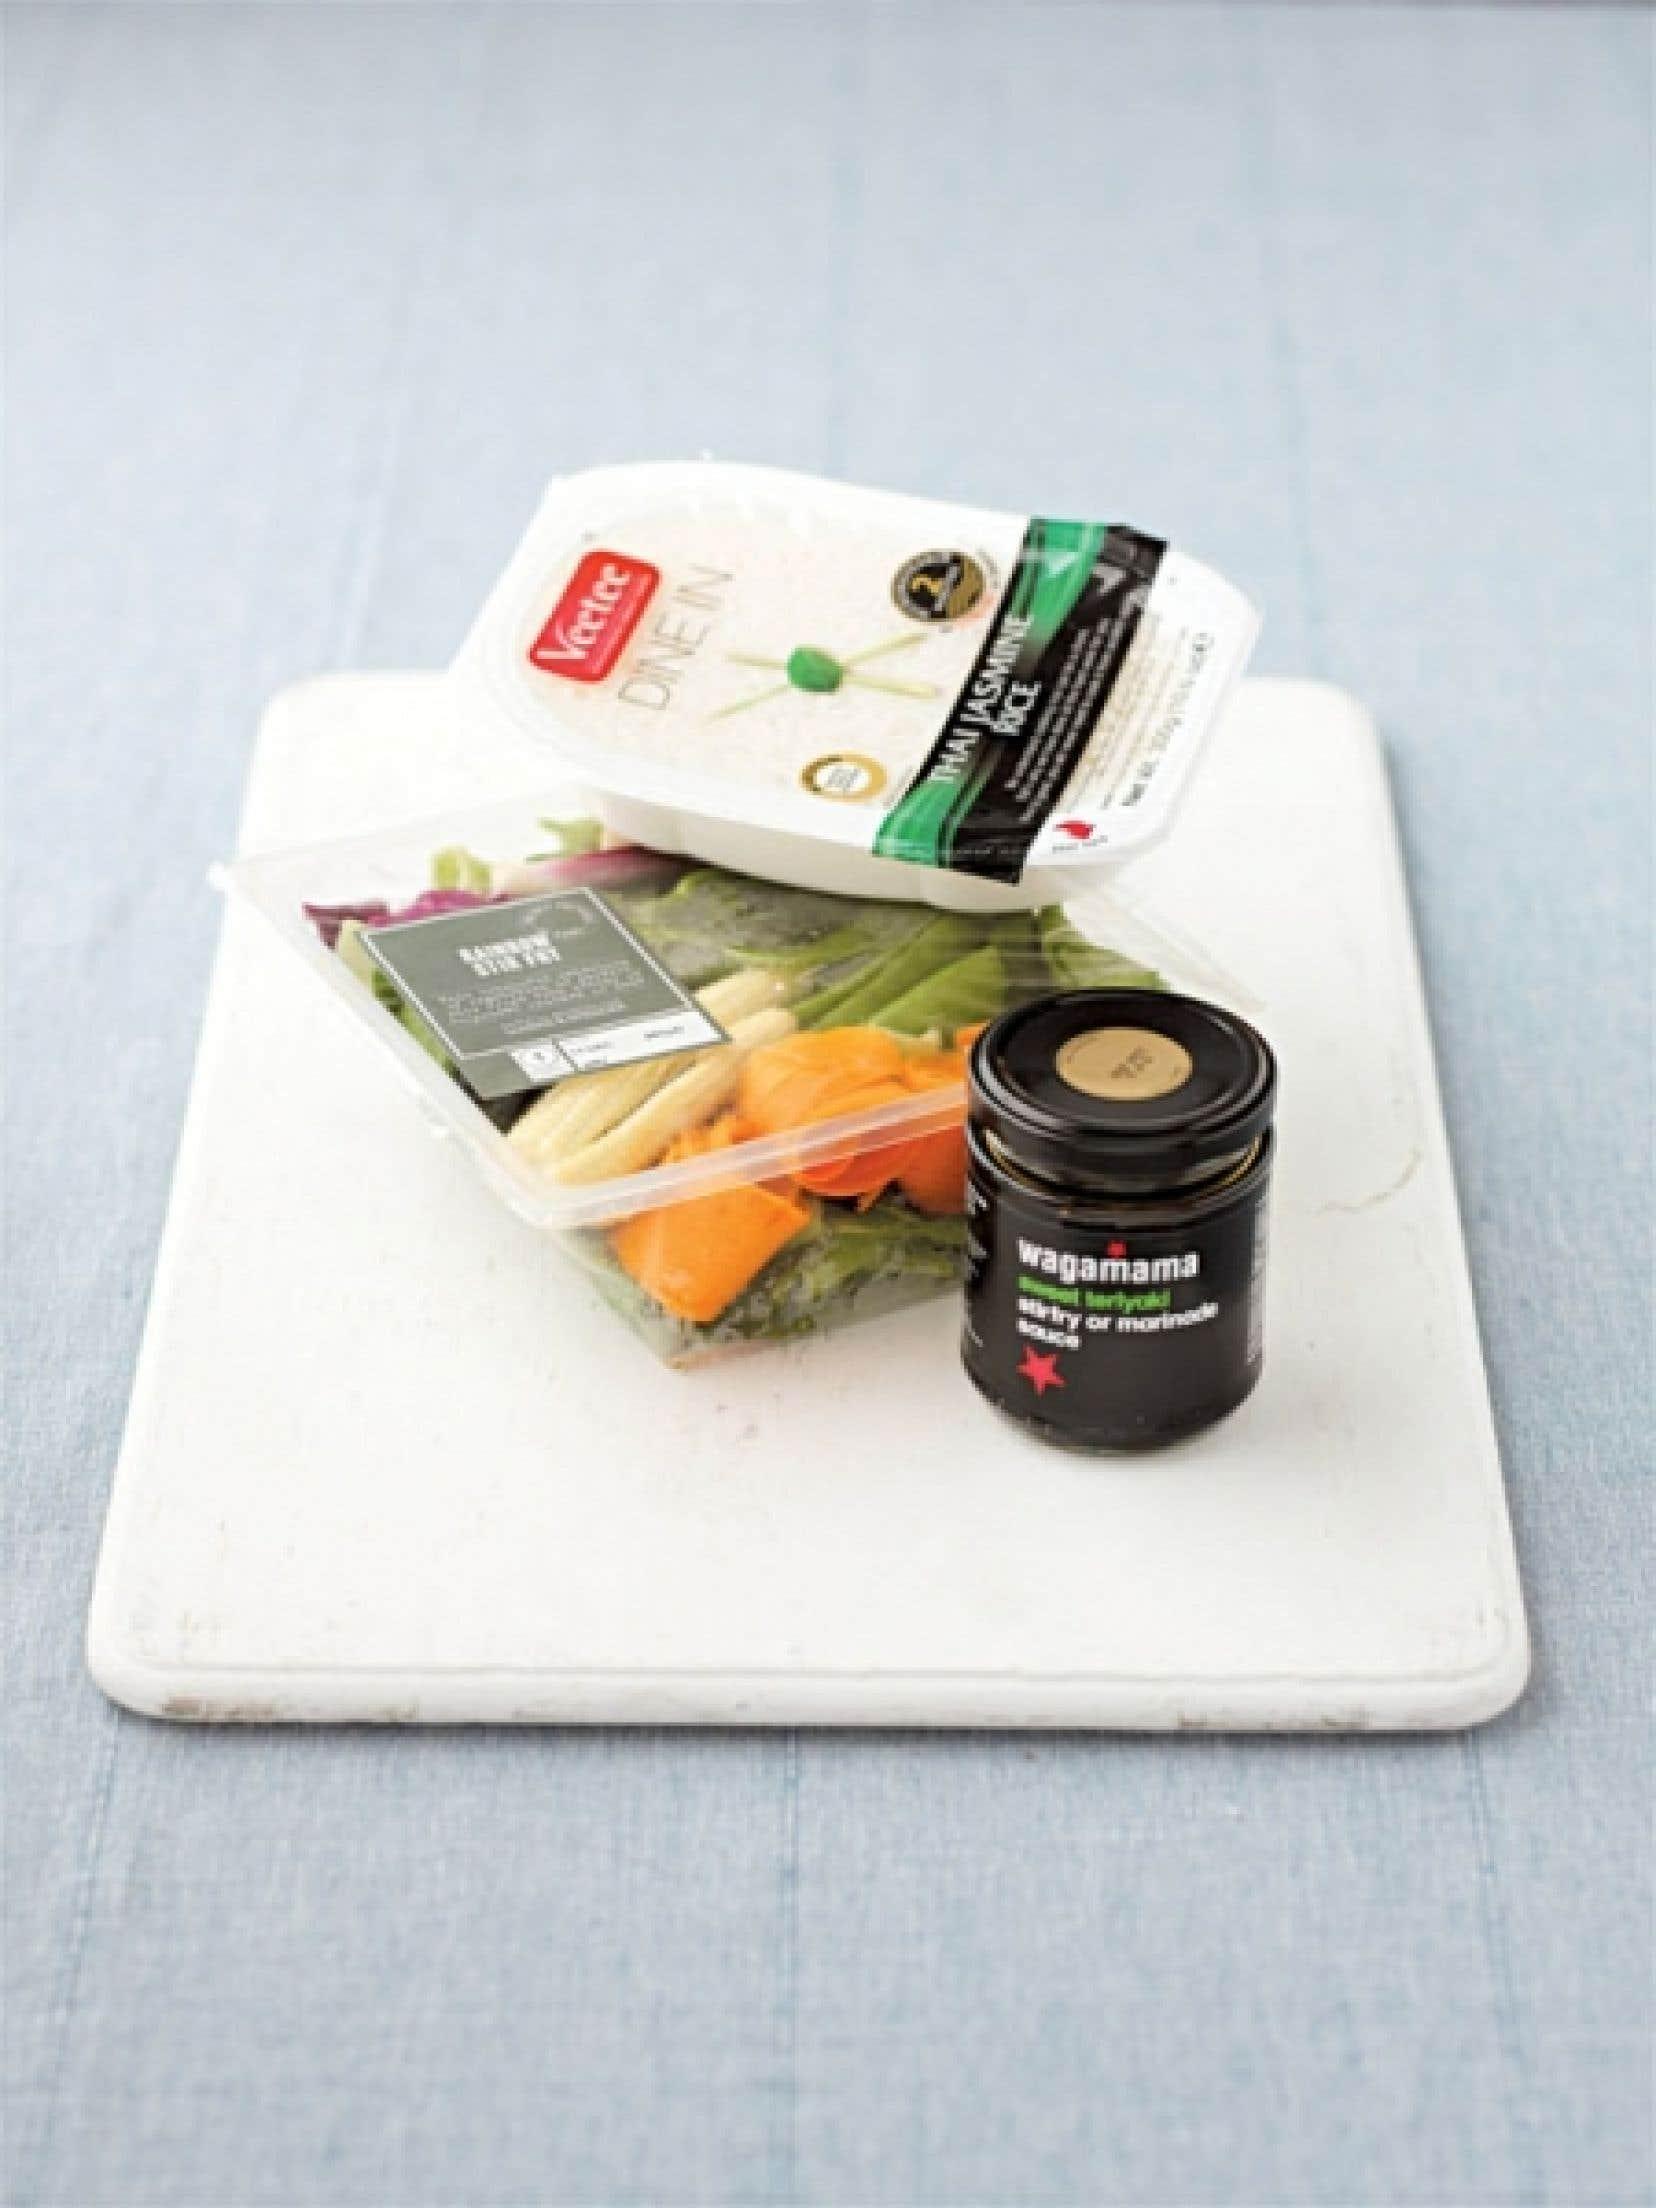 La façon de s'alimenter a énormément changé depuis quelques années, les légumes sont vendus déjà prêts à apprêter pour simplifier la vie des gens.